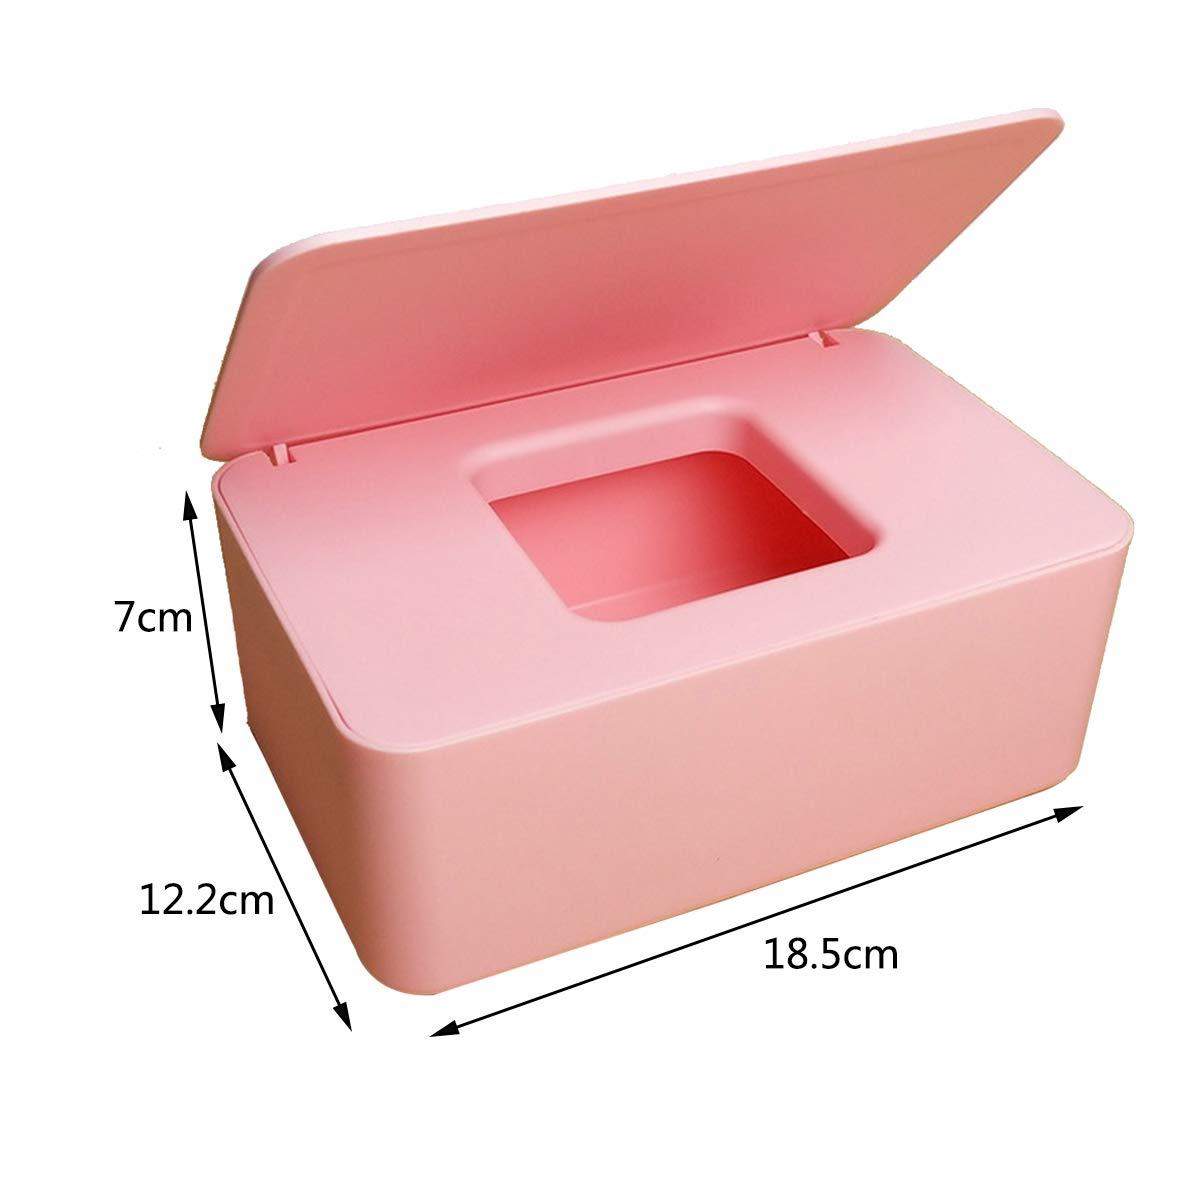 Box f/ür Babyt/ücher ZUNBO Feuchtt/ücher-Spender f/ür Babys Grau Sterilisation von Papiert/üchern